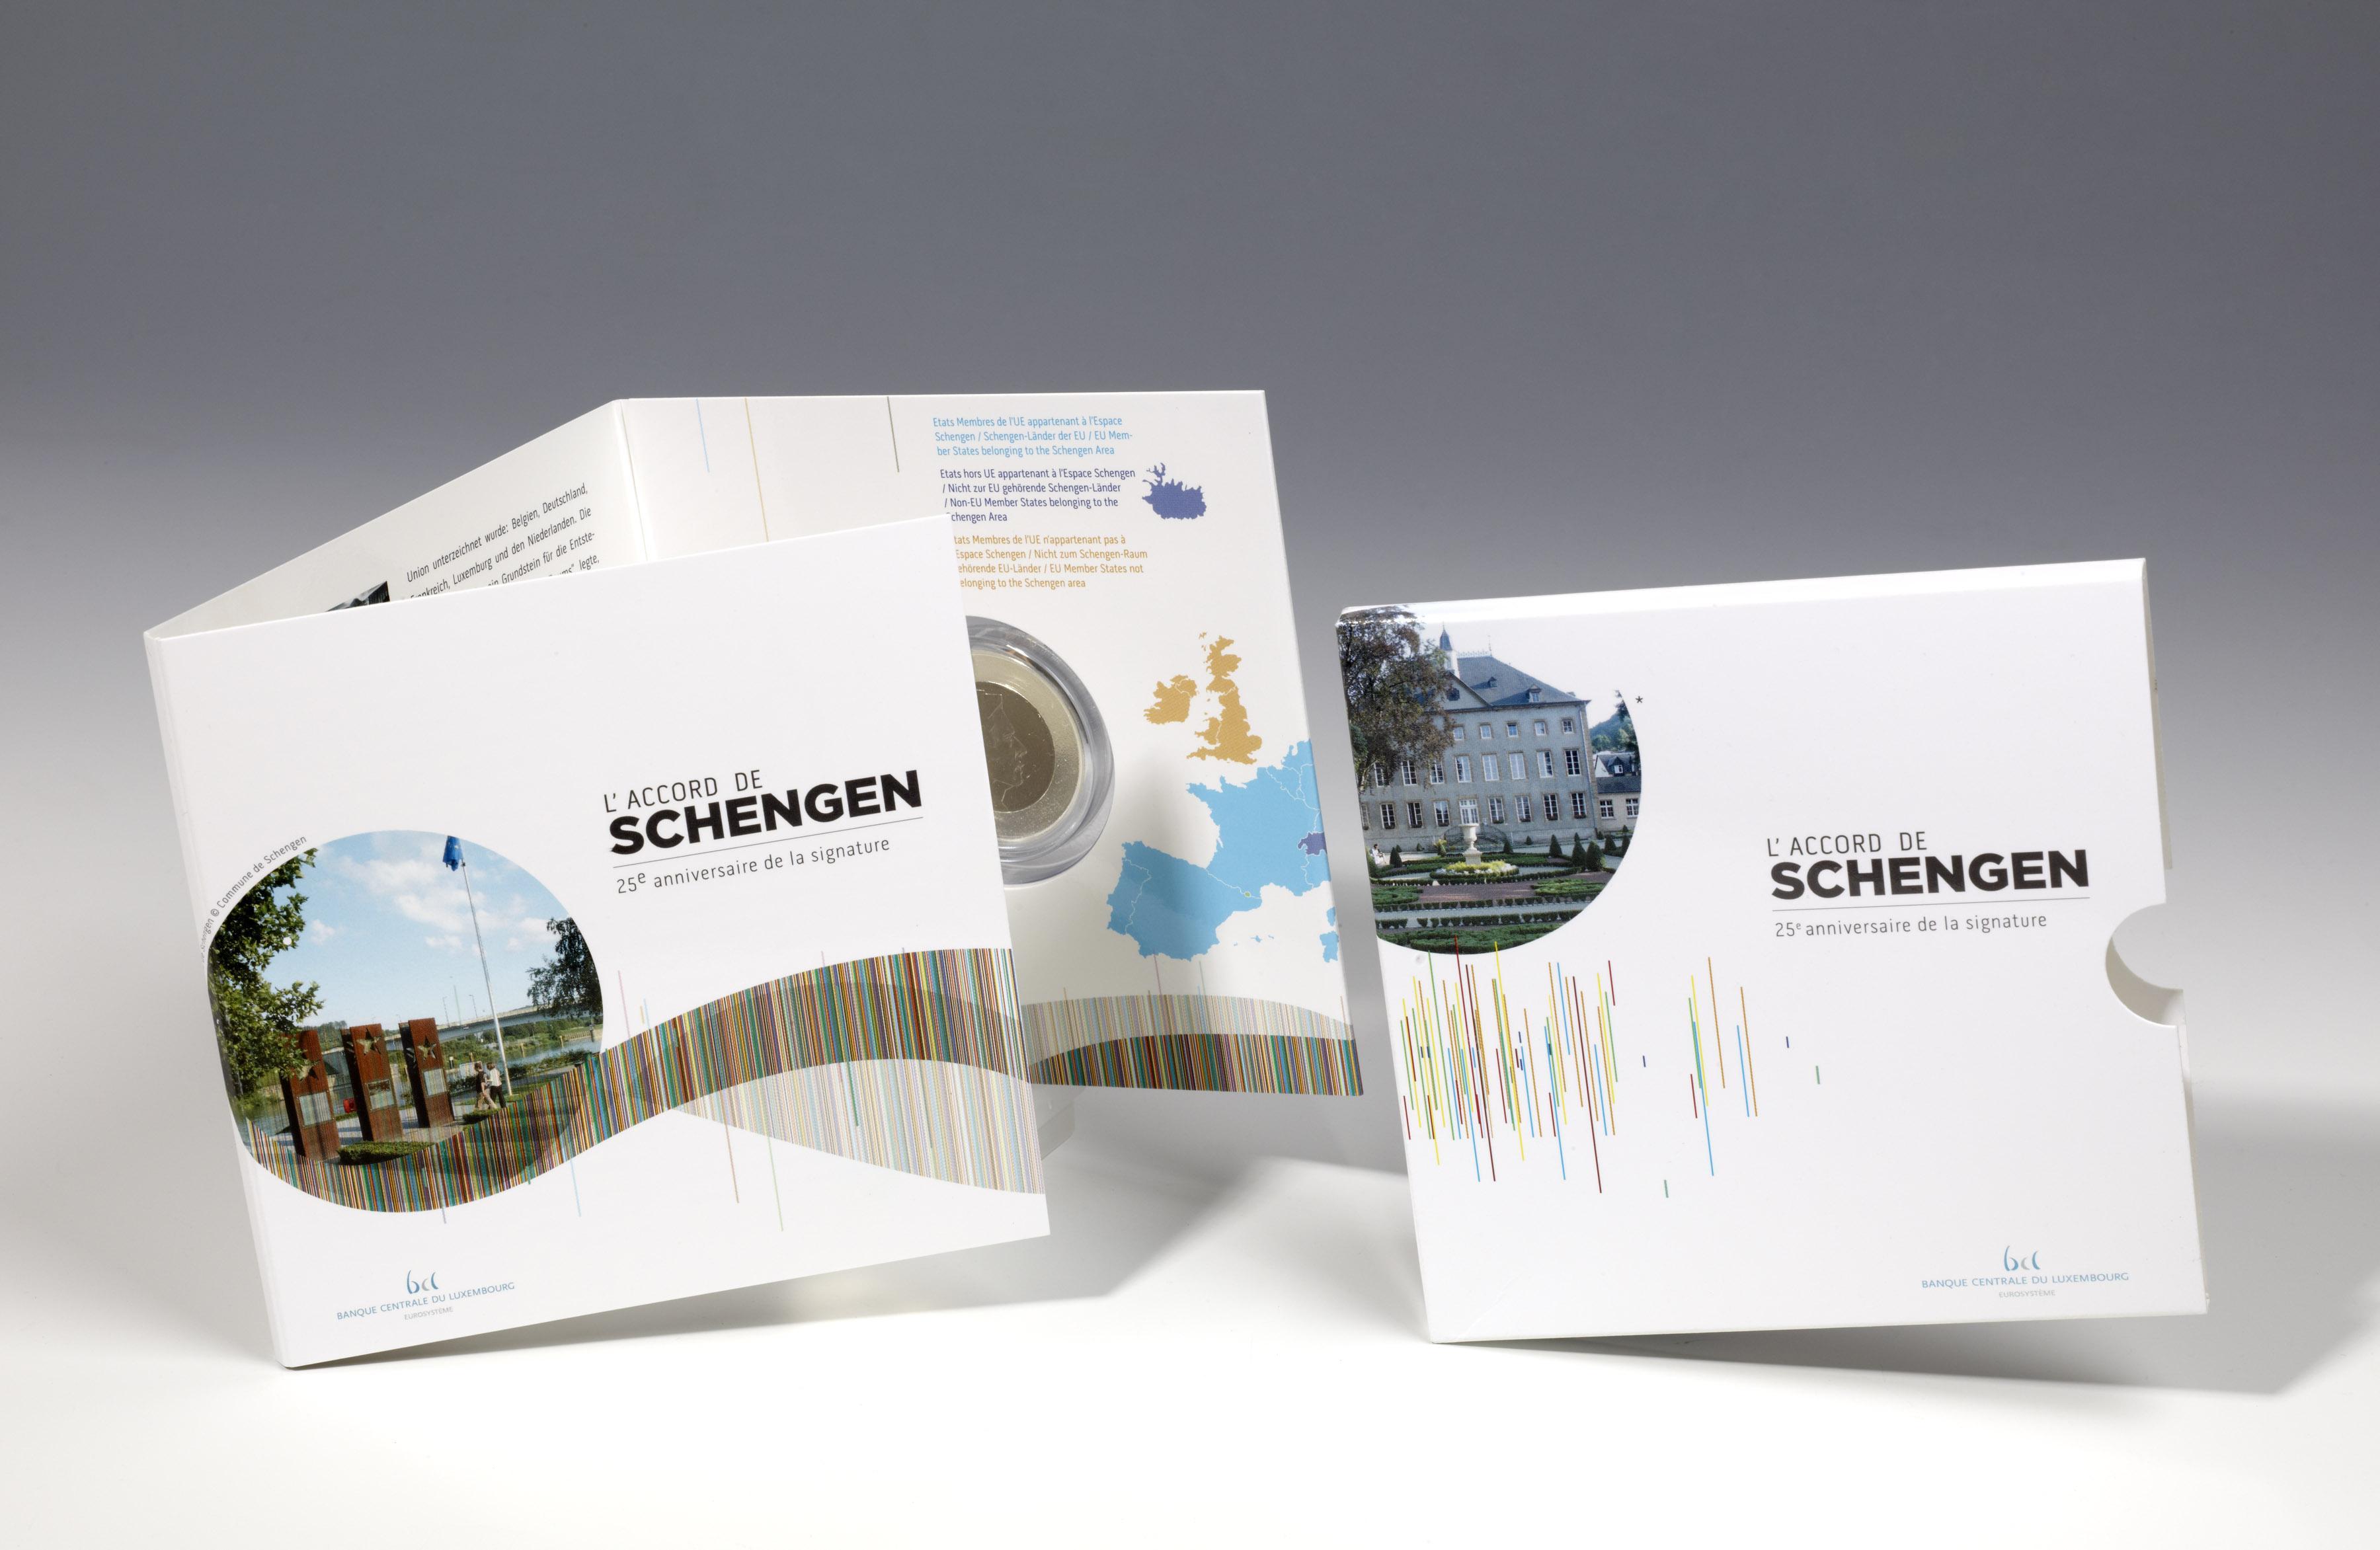 banque centrale du luxembourg pi ce 25e anniversaire de l accord de schengen remise. Black Bedroom Furniture Sets. Home Design Ideas